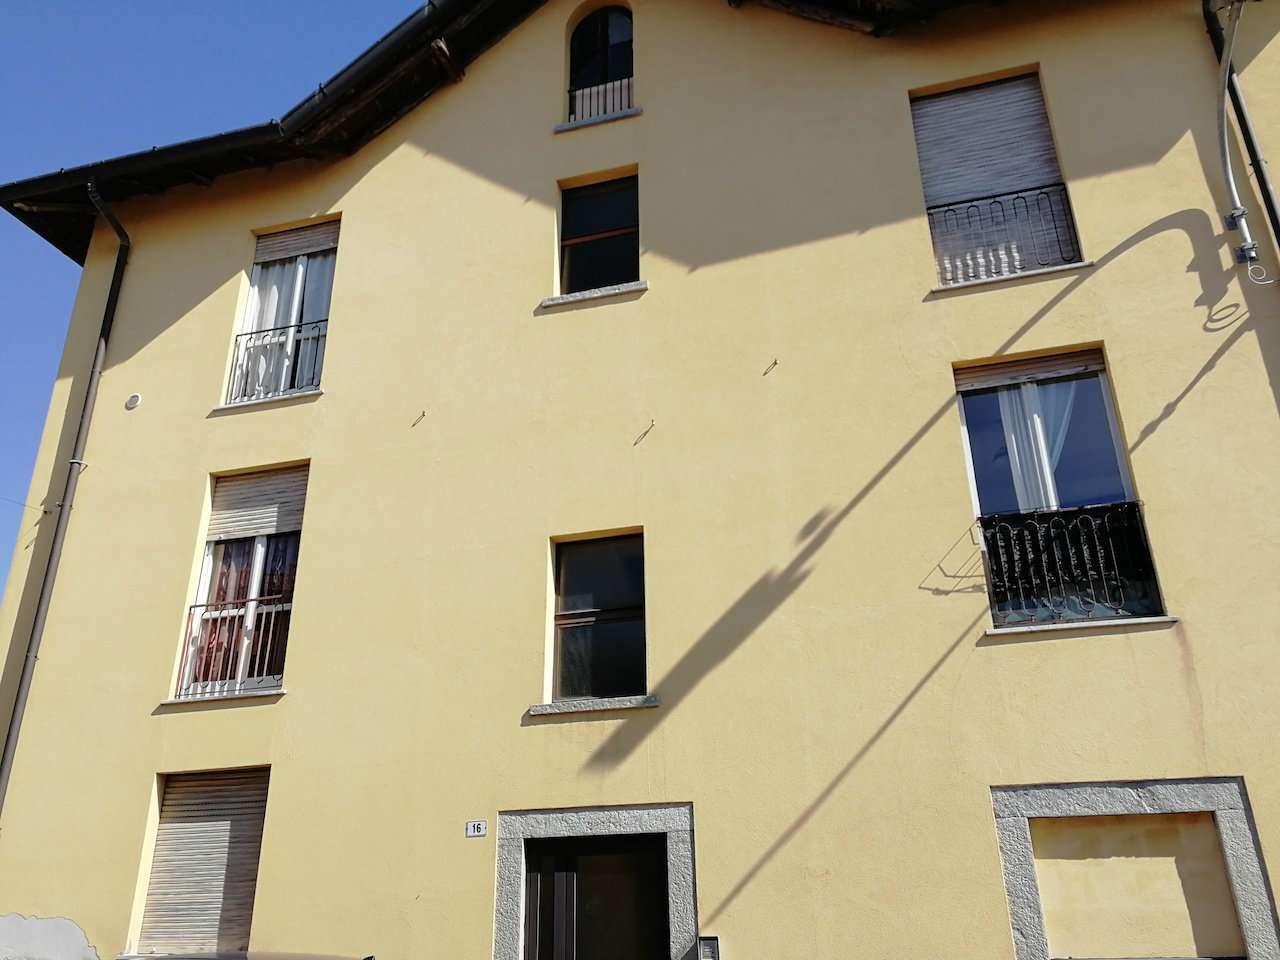 Appartamento in Vendita a Beregazzo Con Figliaro: 2 locali, 63 mq